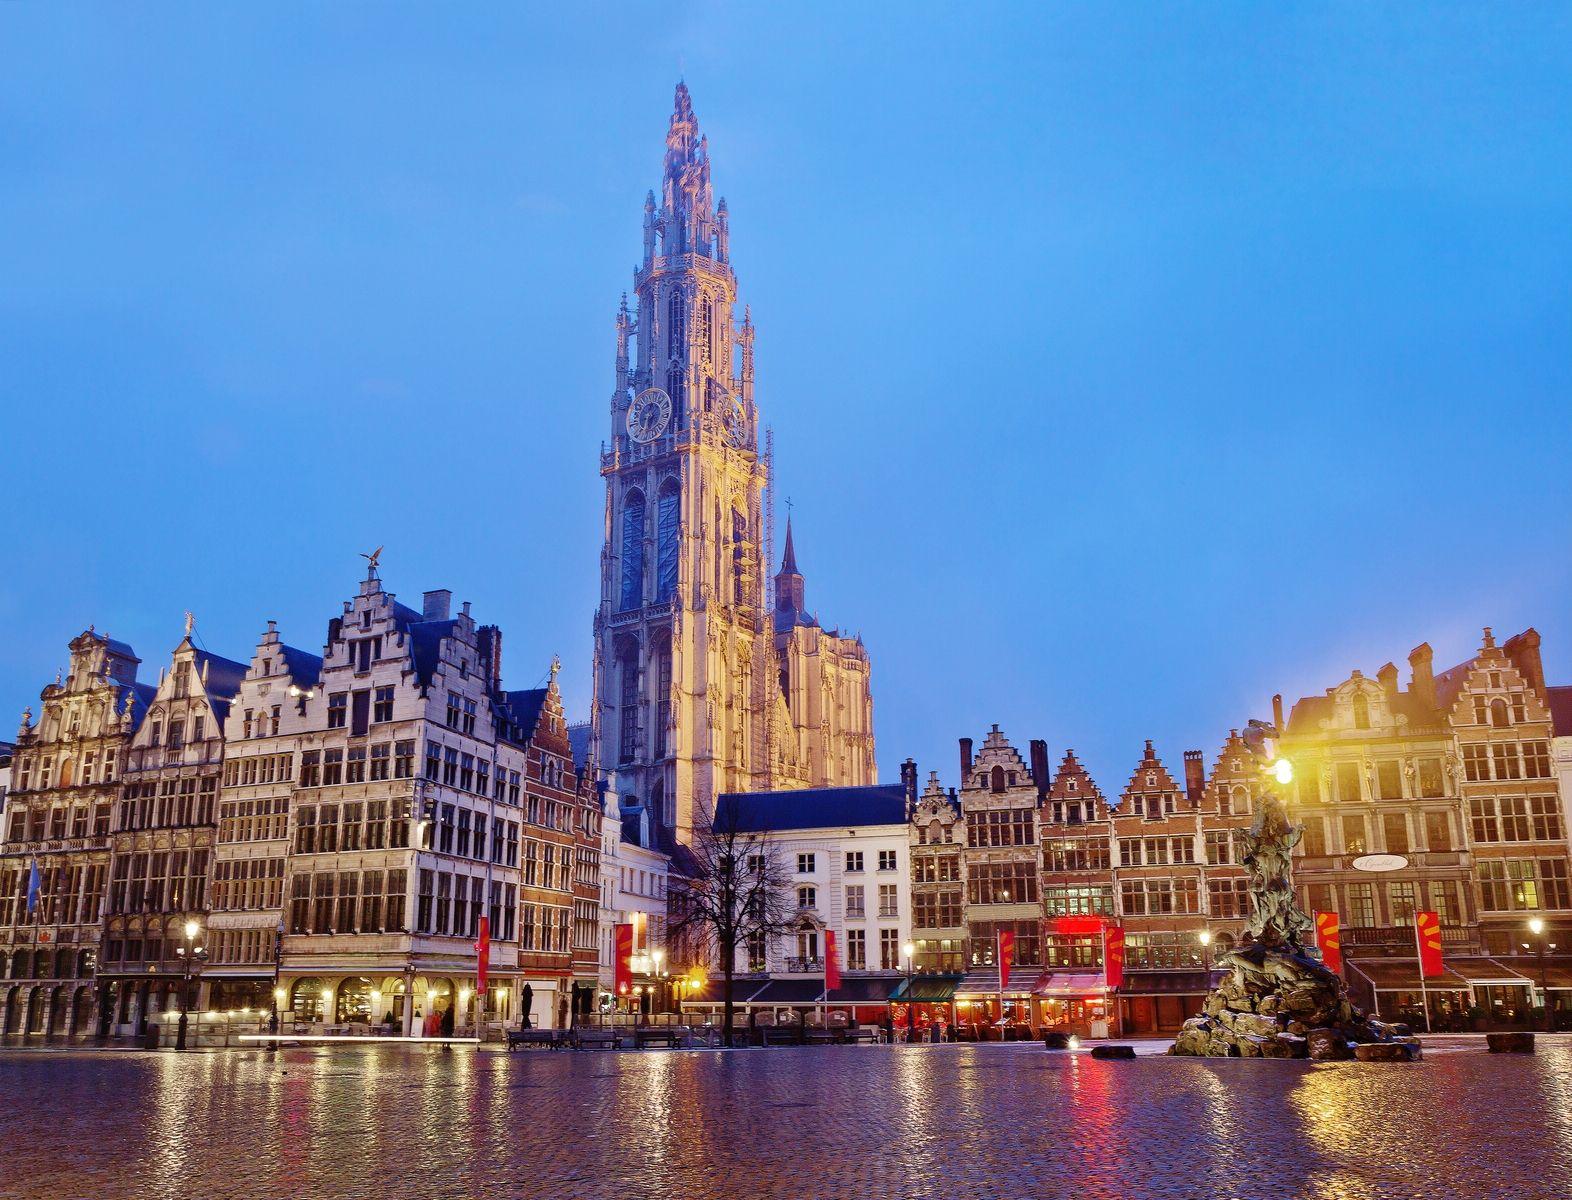 1 день Прилет в Дюссельдорф. Переезд в Антверпен. Размещение в отеле. Вечерняя прогулка.